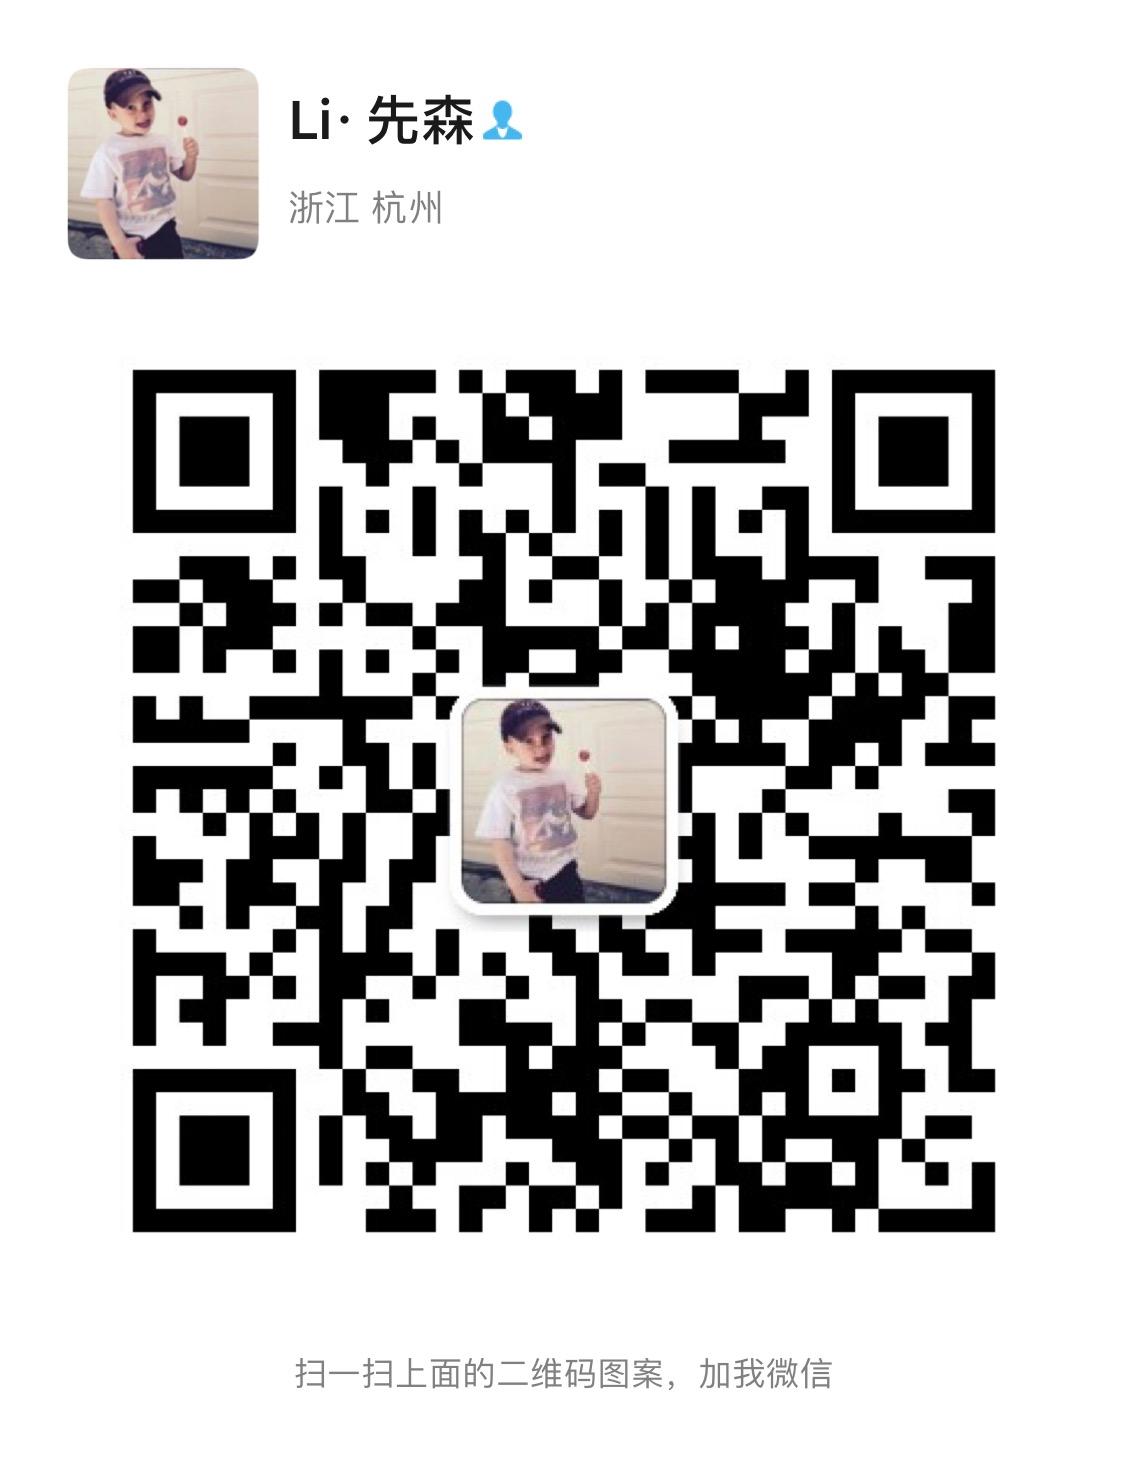 微信图片_20200603100759.jpg